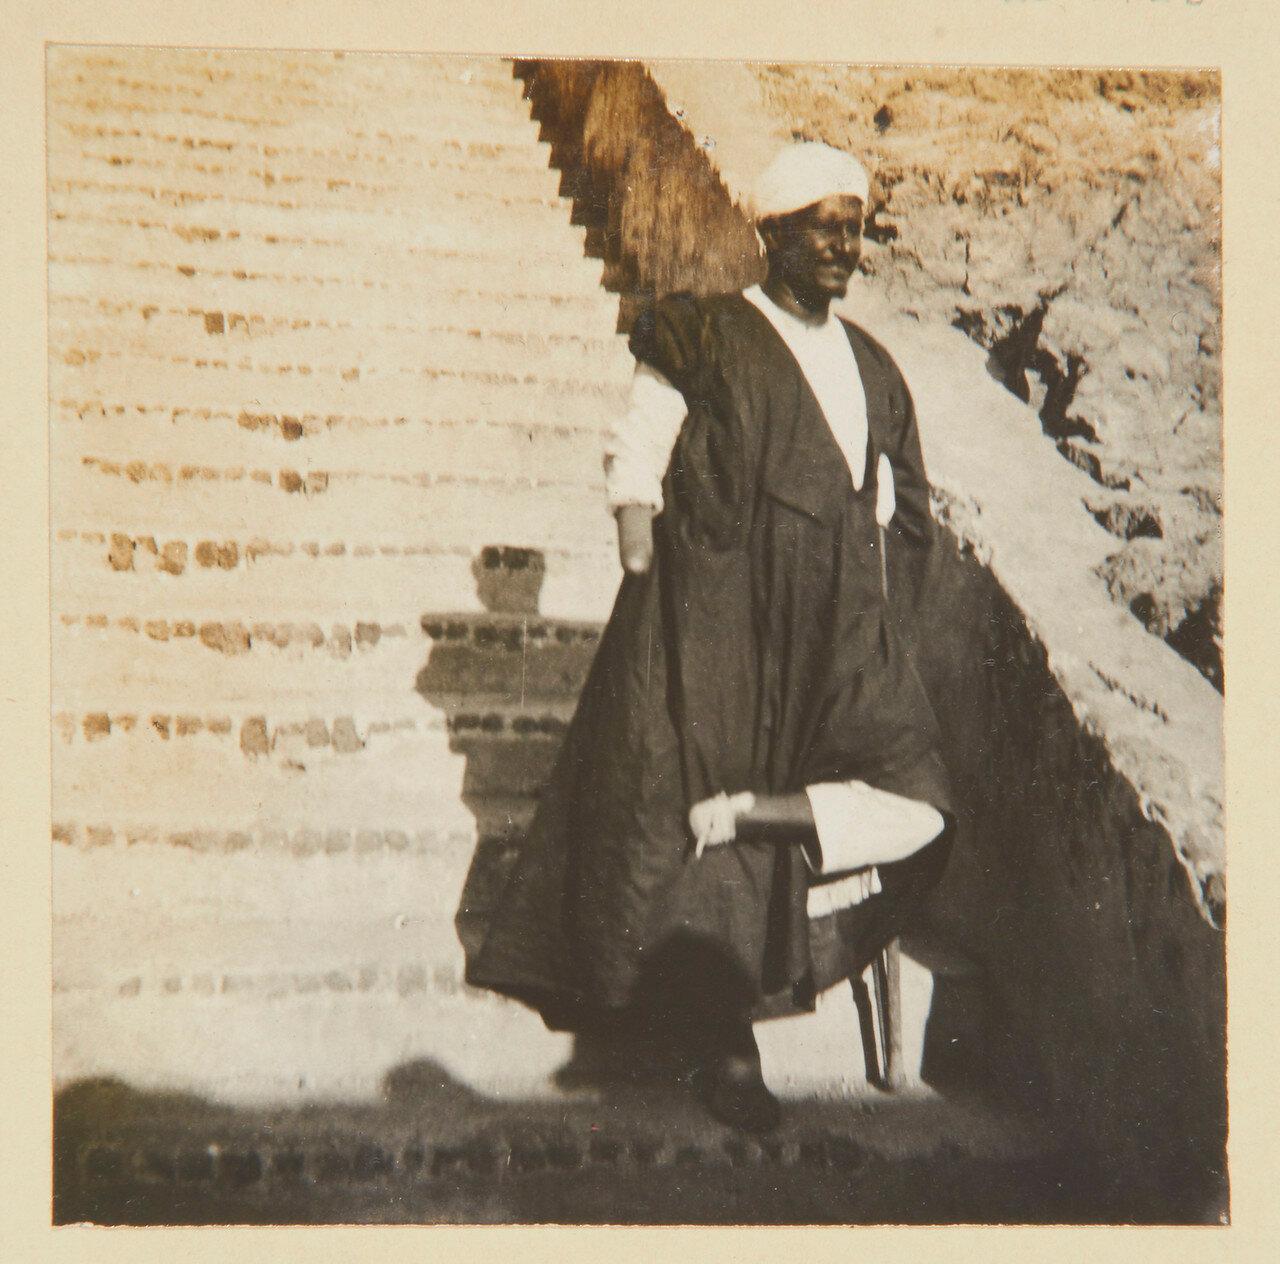 Мухамед Фадл, шпион захваченный и искалеченный Халифом